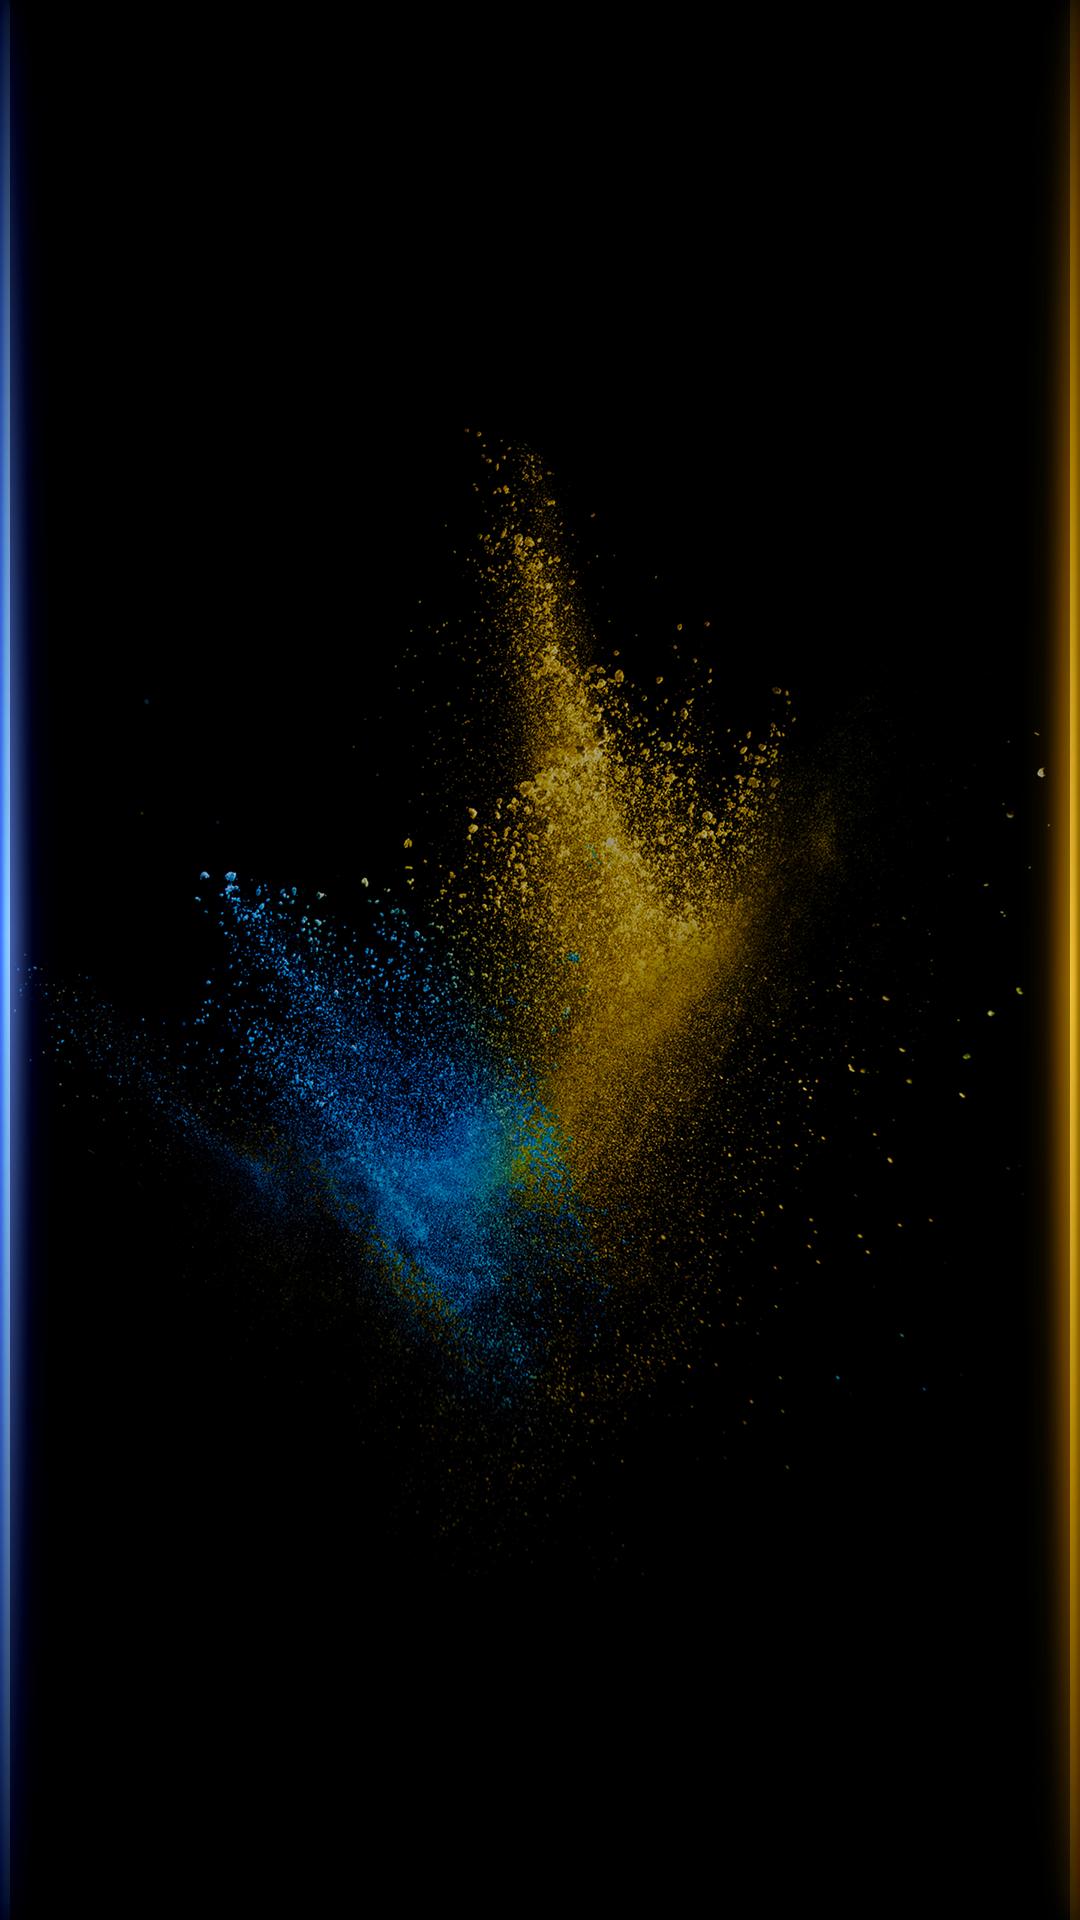 【v粉壁纸】发光曲屏壁纸